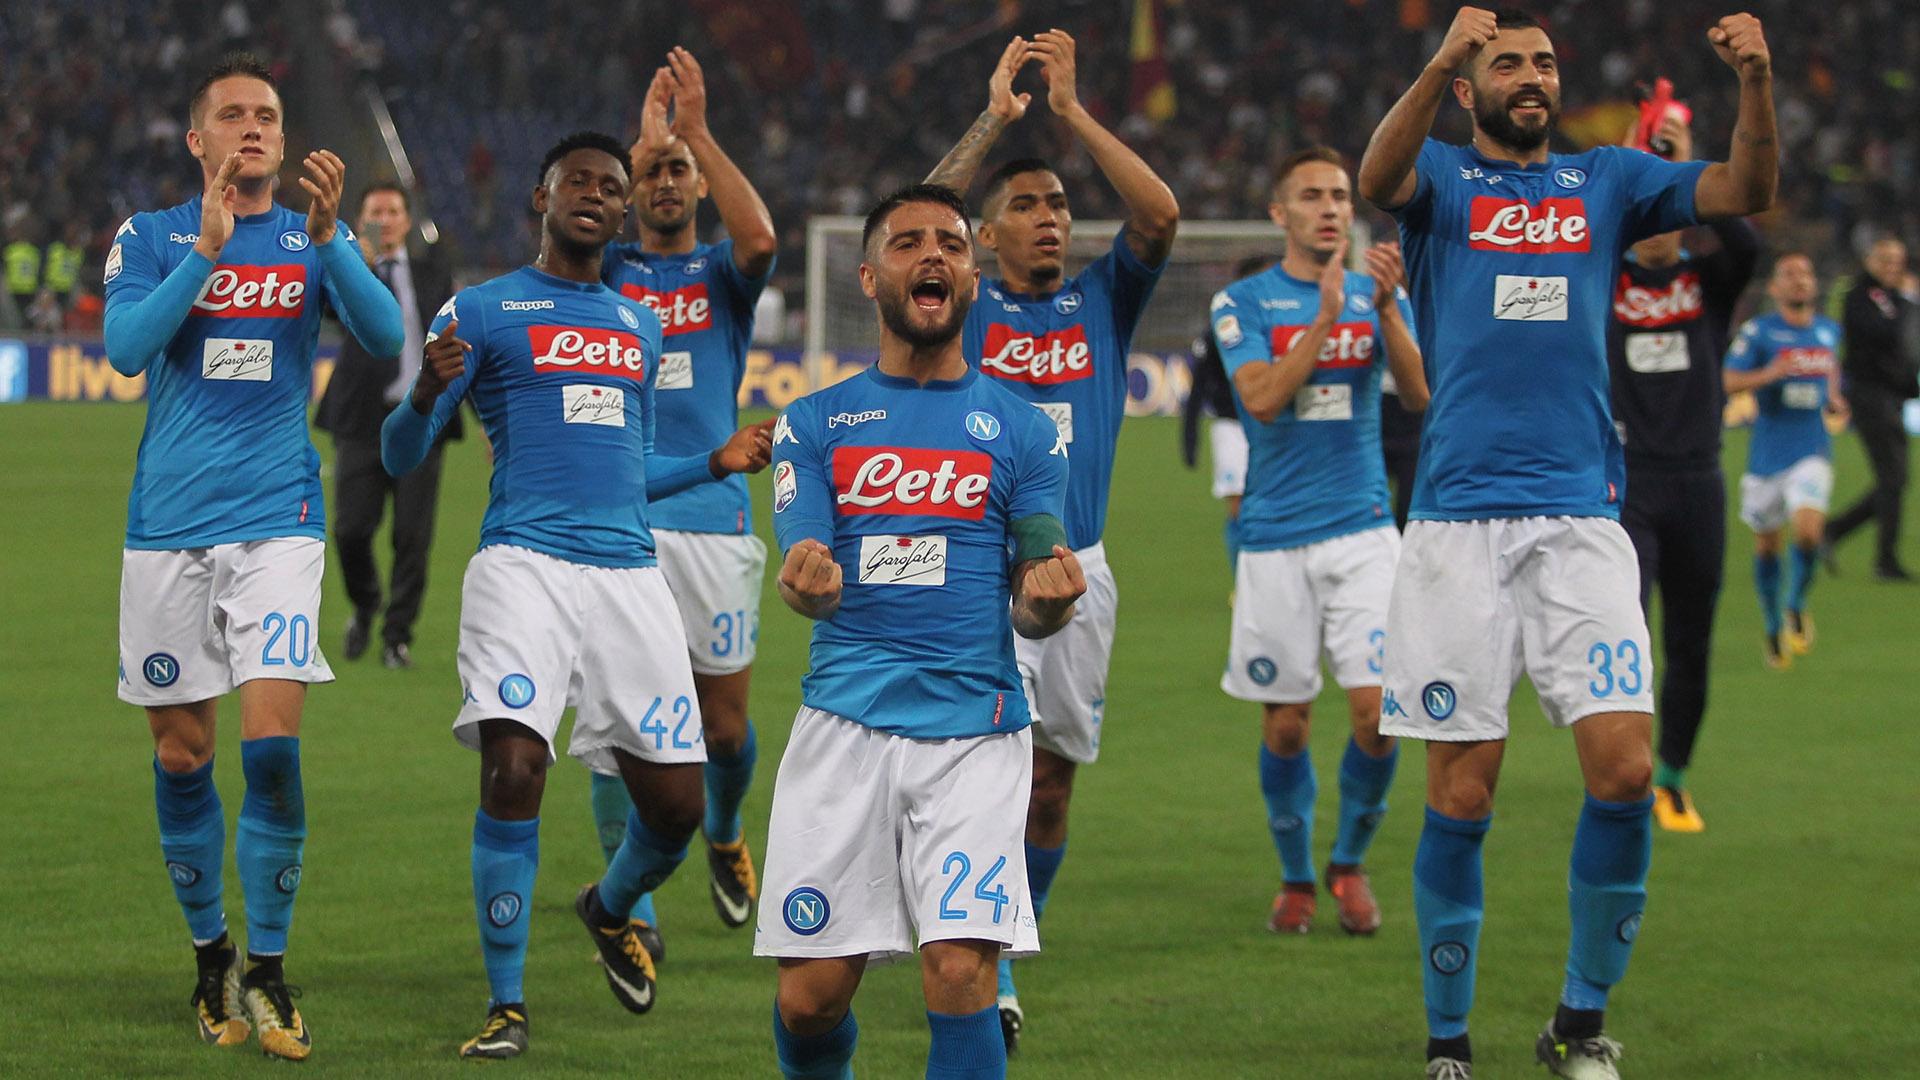 تعرف على موعد مباراة نابولي أمام  أودينيزي الدوري الايطالي والقنوات الناقلة